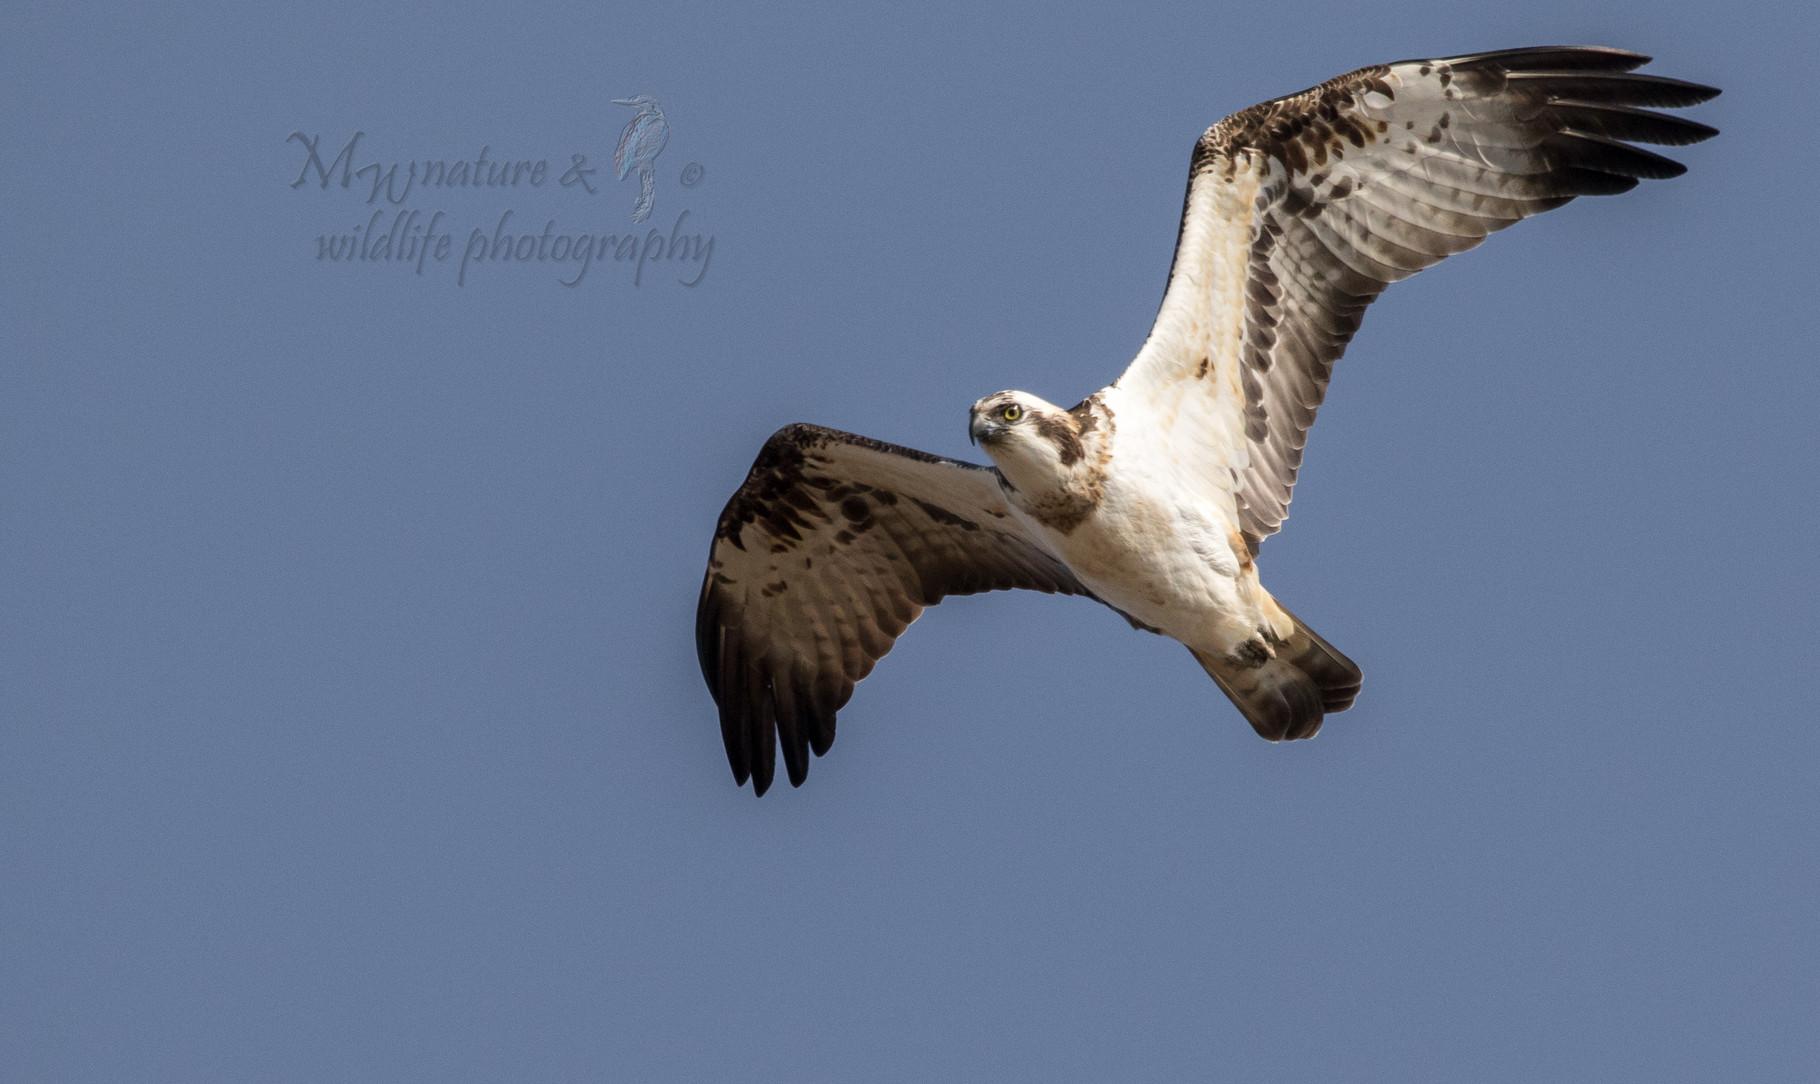 Fischadler / osprey (Pandion haliaetus)